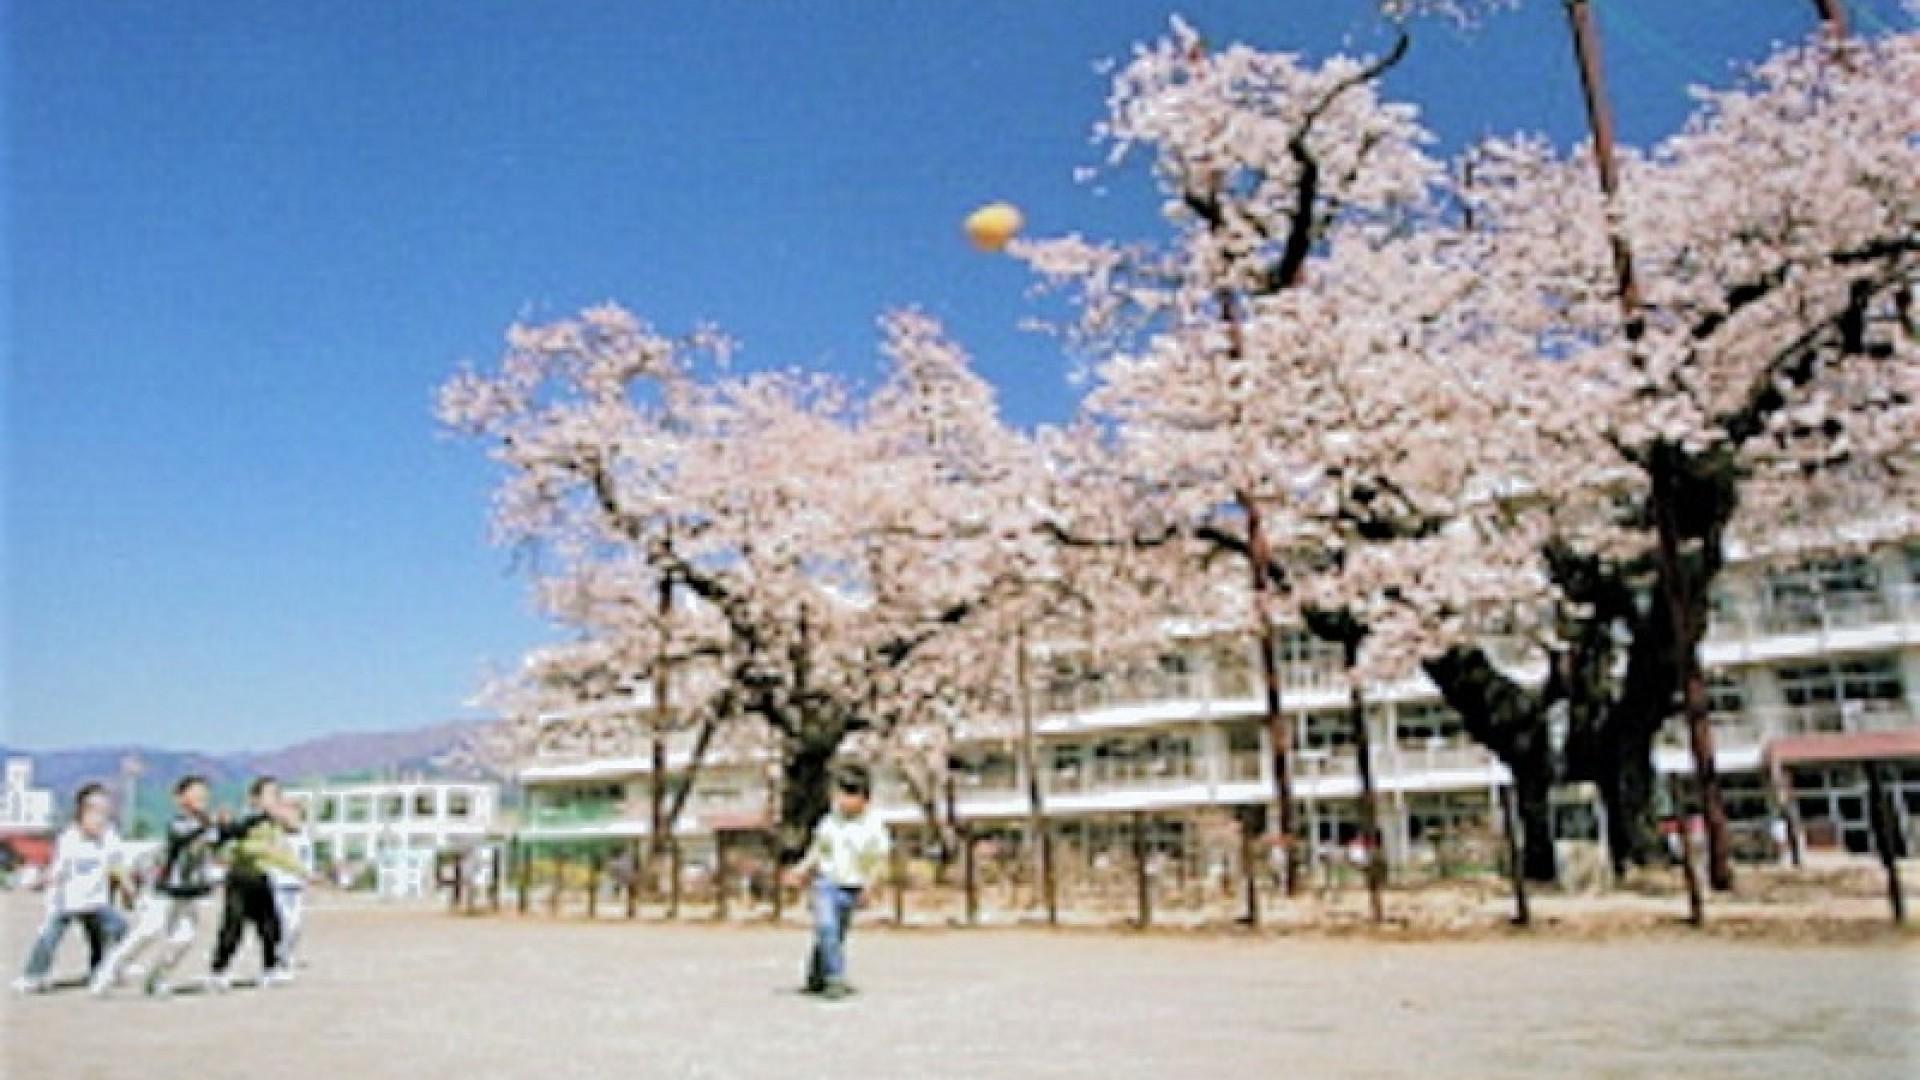 ชมดอกซากุระบานที่โรงเรียนประถมฮาดาโนะ ซิตี้ เซ้าท์